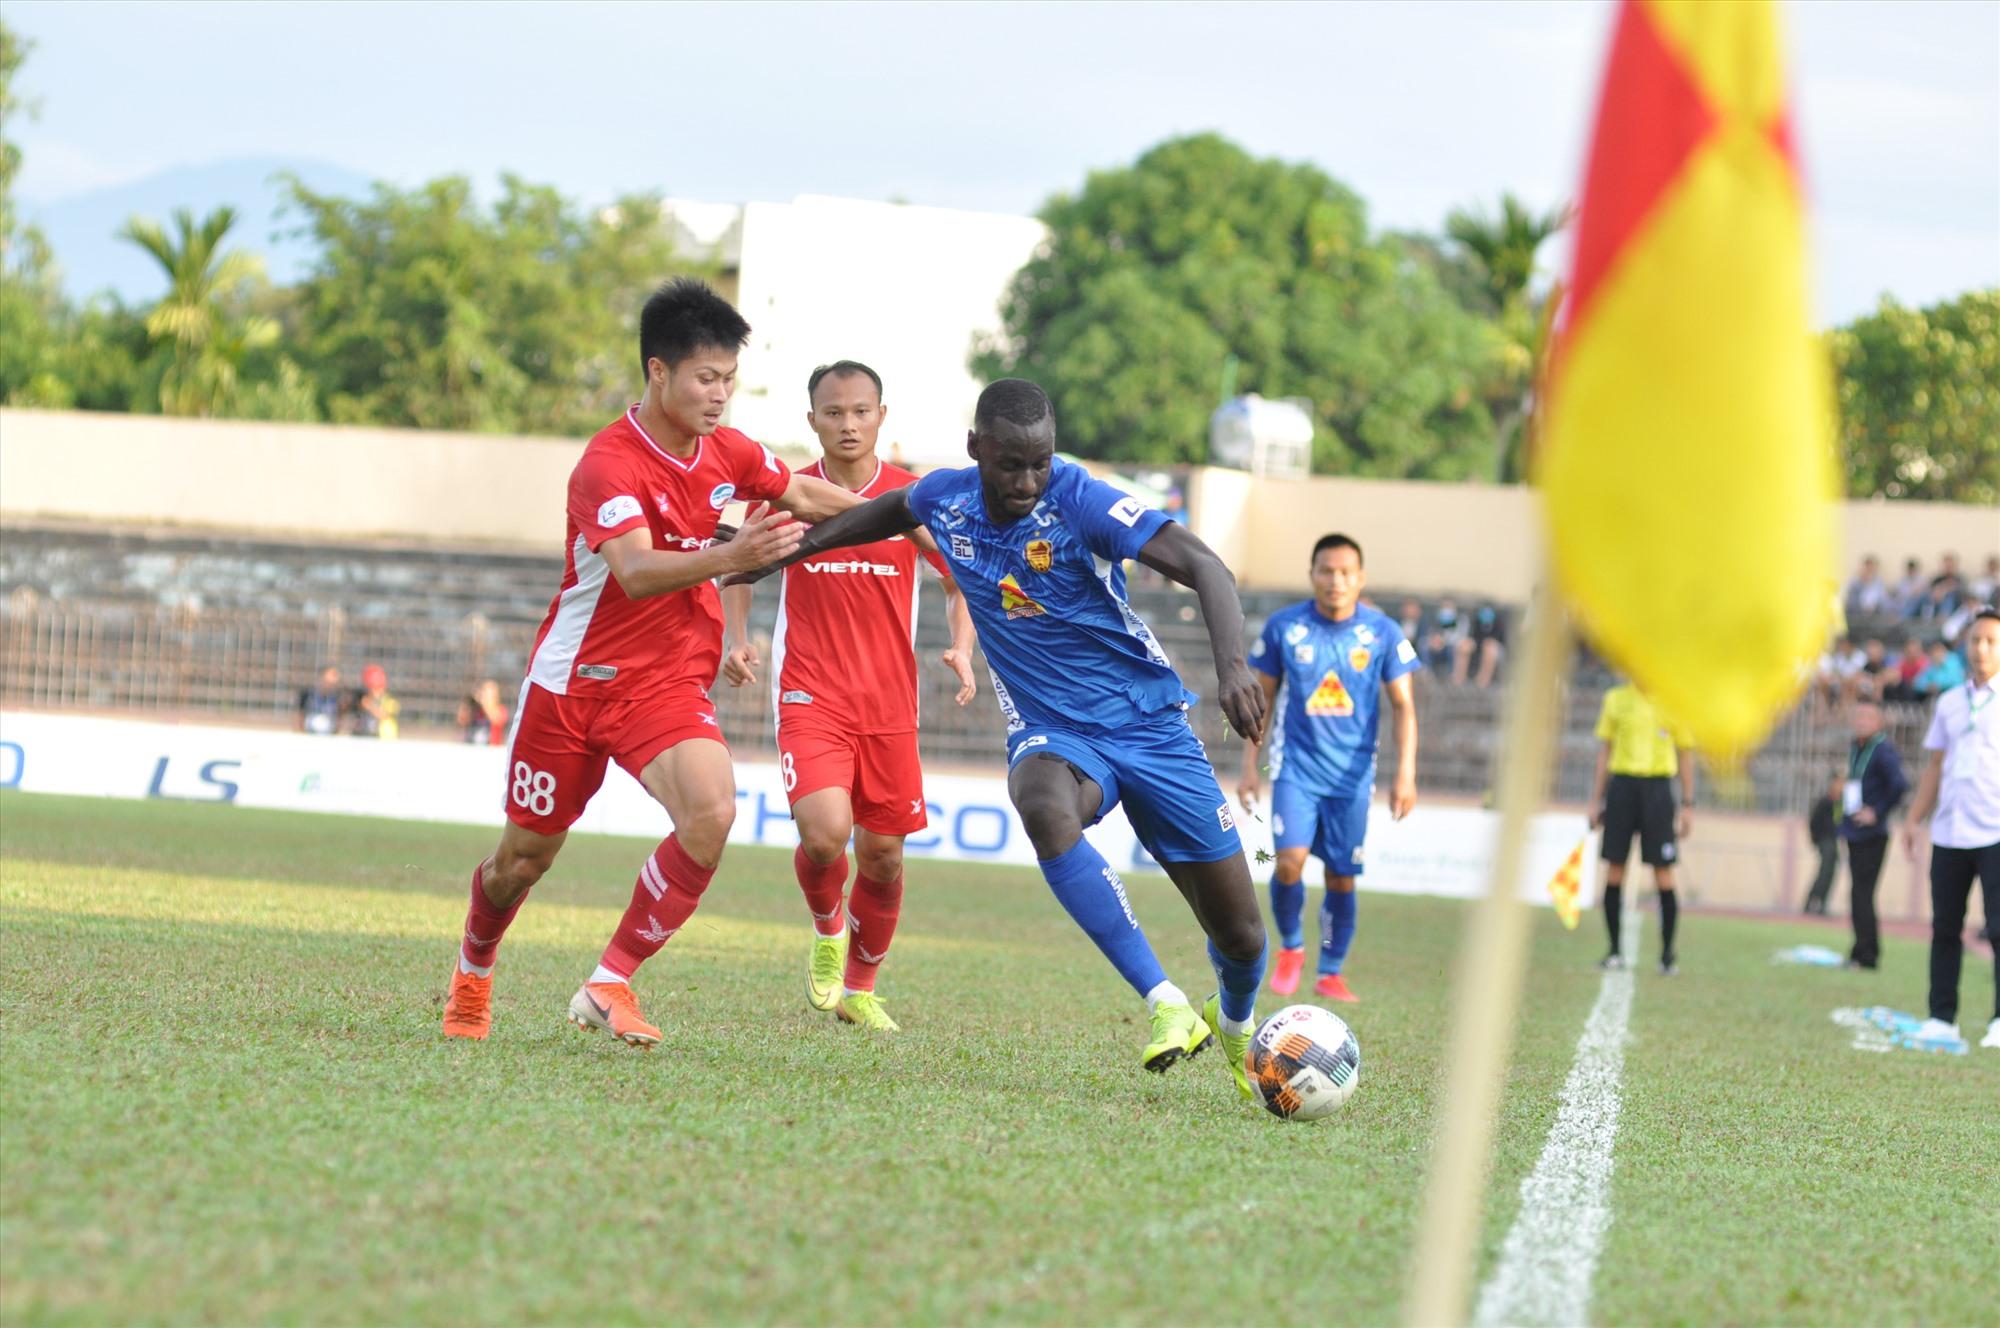 Quảng Nam cần tận dụng khả năng phản công nhanh của Kebe để mang về bàn thắng. Ảnh:  A.S